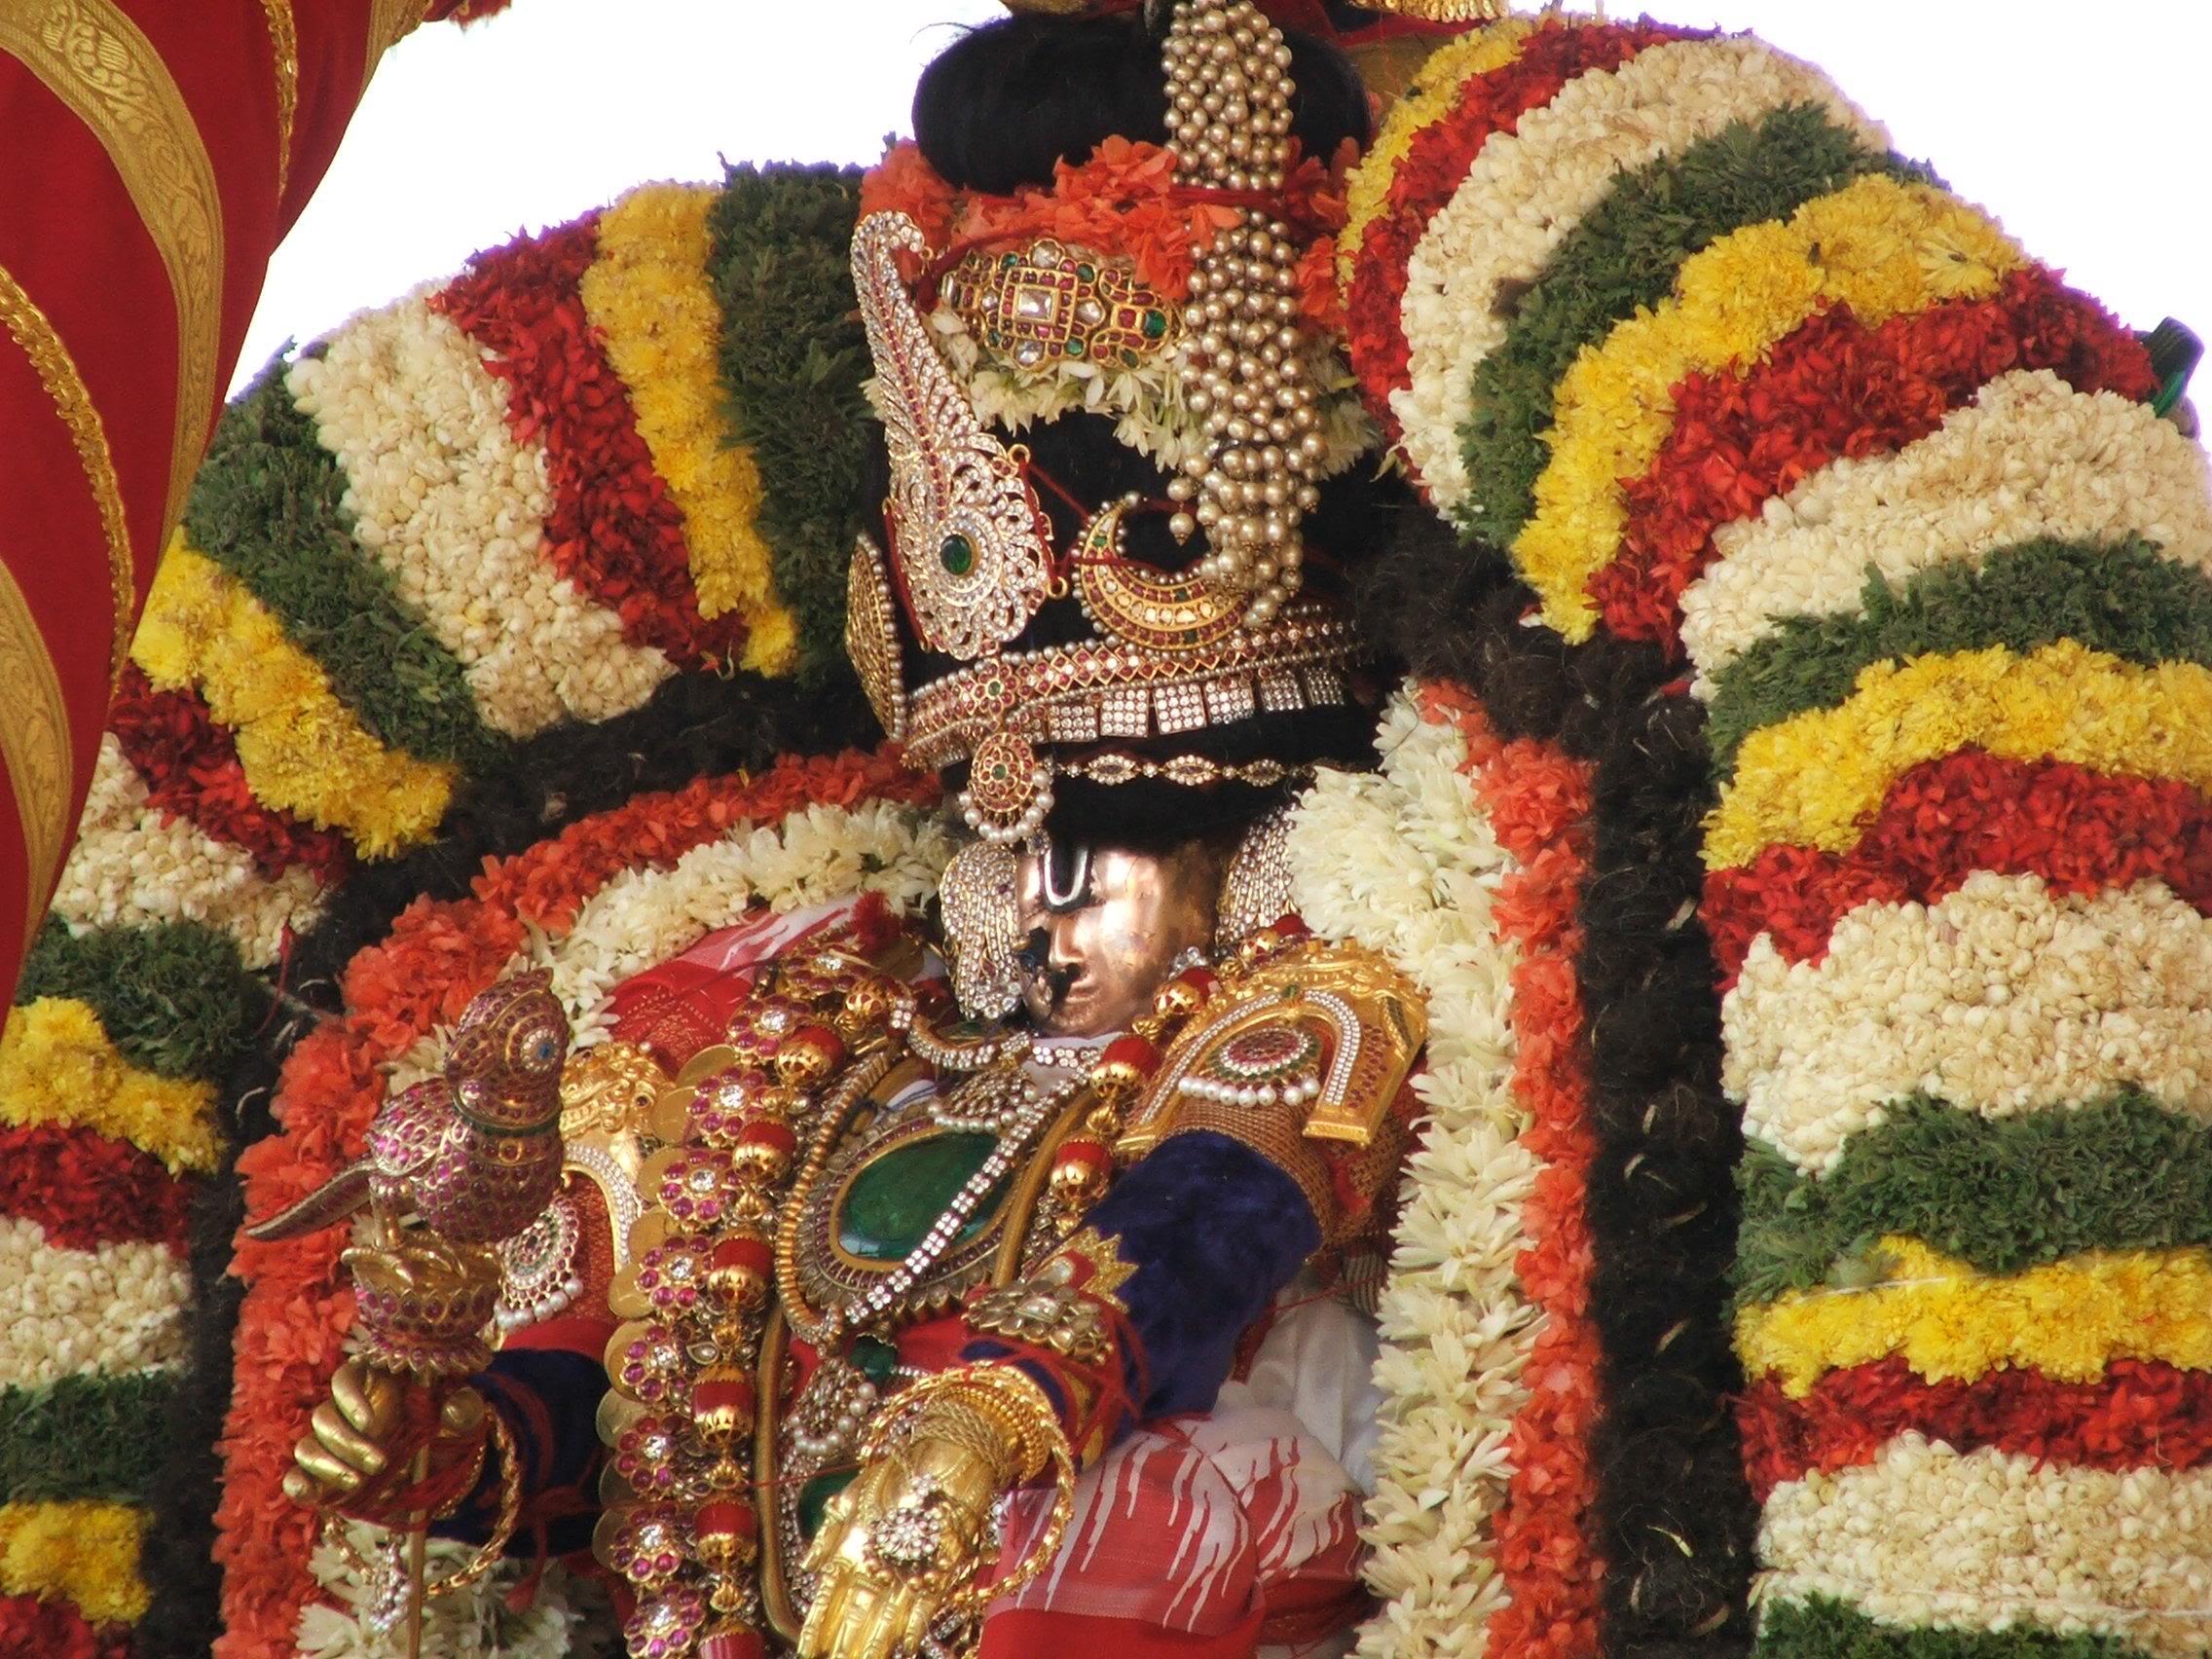 lord venkateswara story in telugu pdf